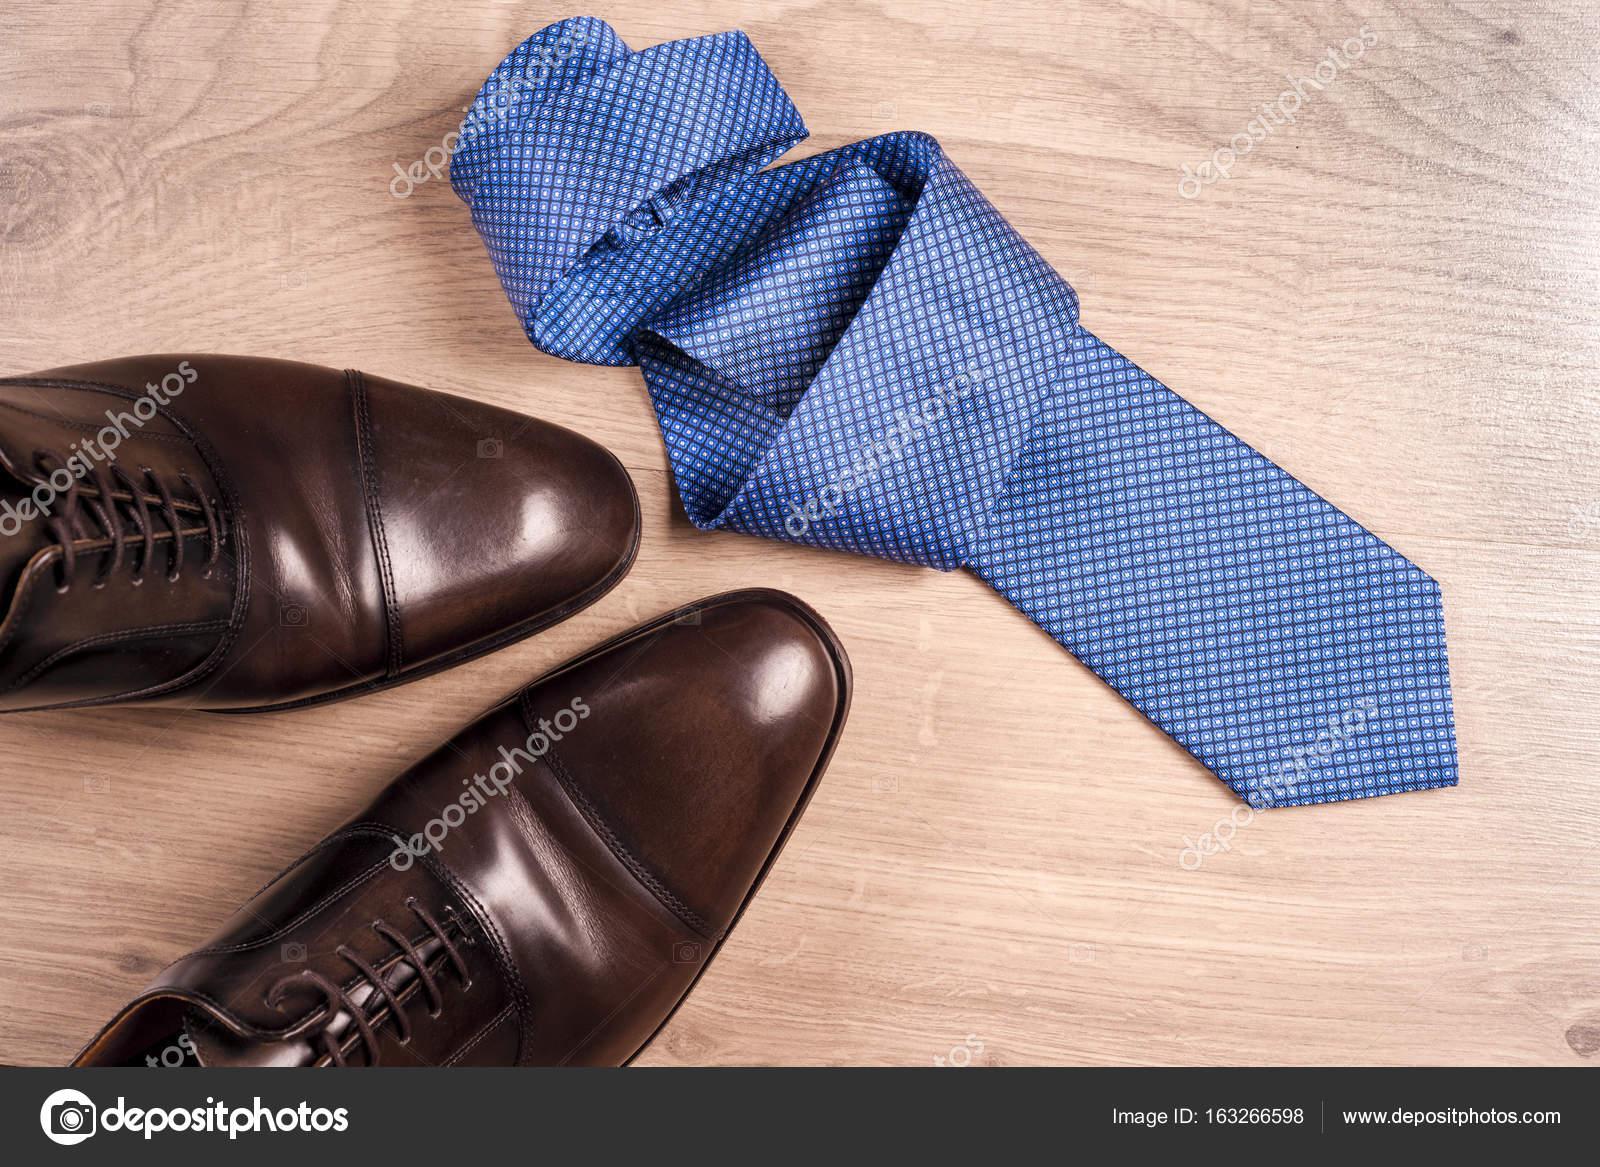 9bb474659f0d82 Чоловіки аксесуари чоловіче взуття, краватку на дерев'яними тлі. Класичний  чоловіки аксесуари. Вид зверху. Копія простір для тексту — Фото від ...